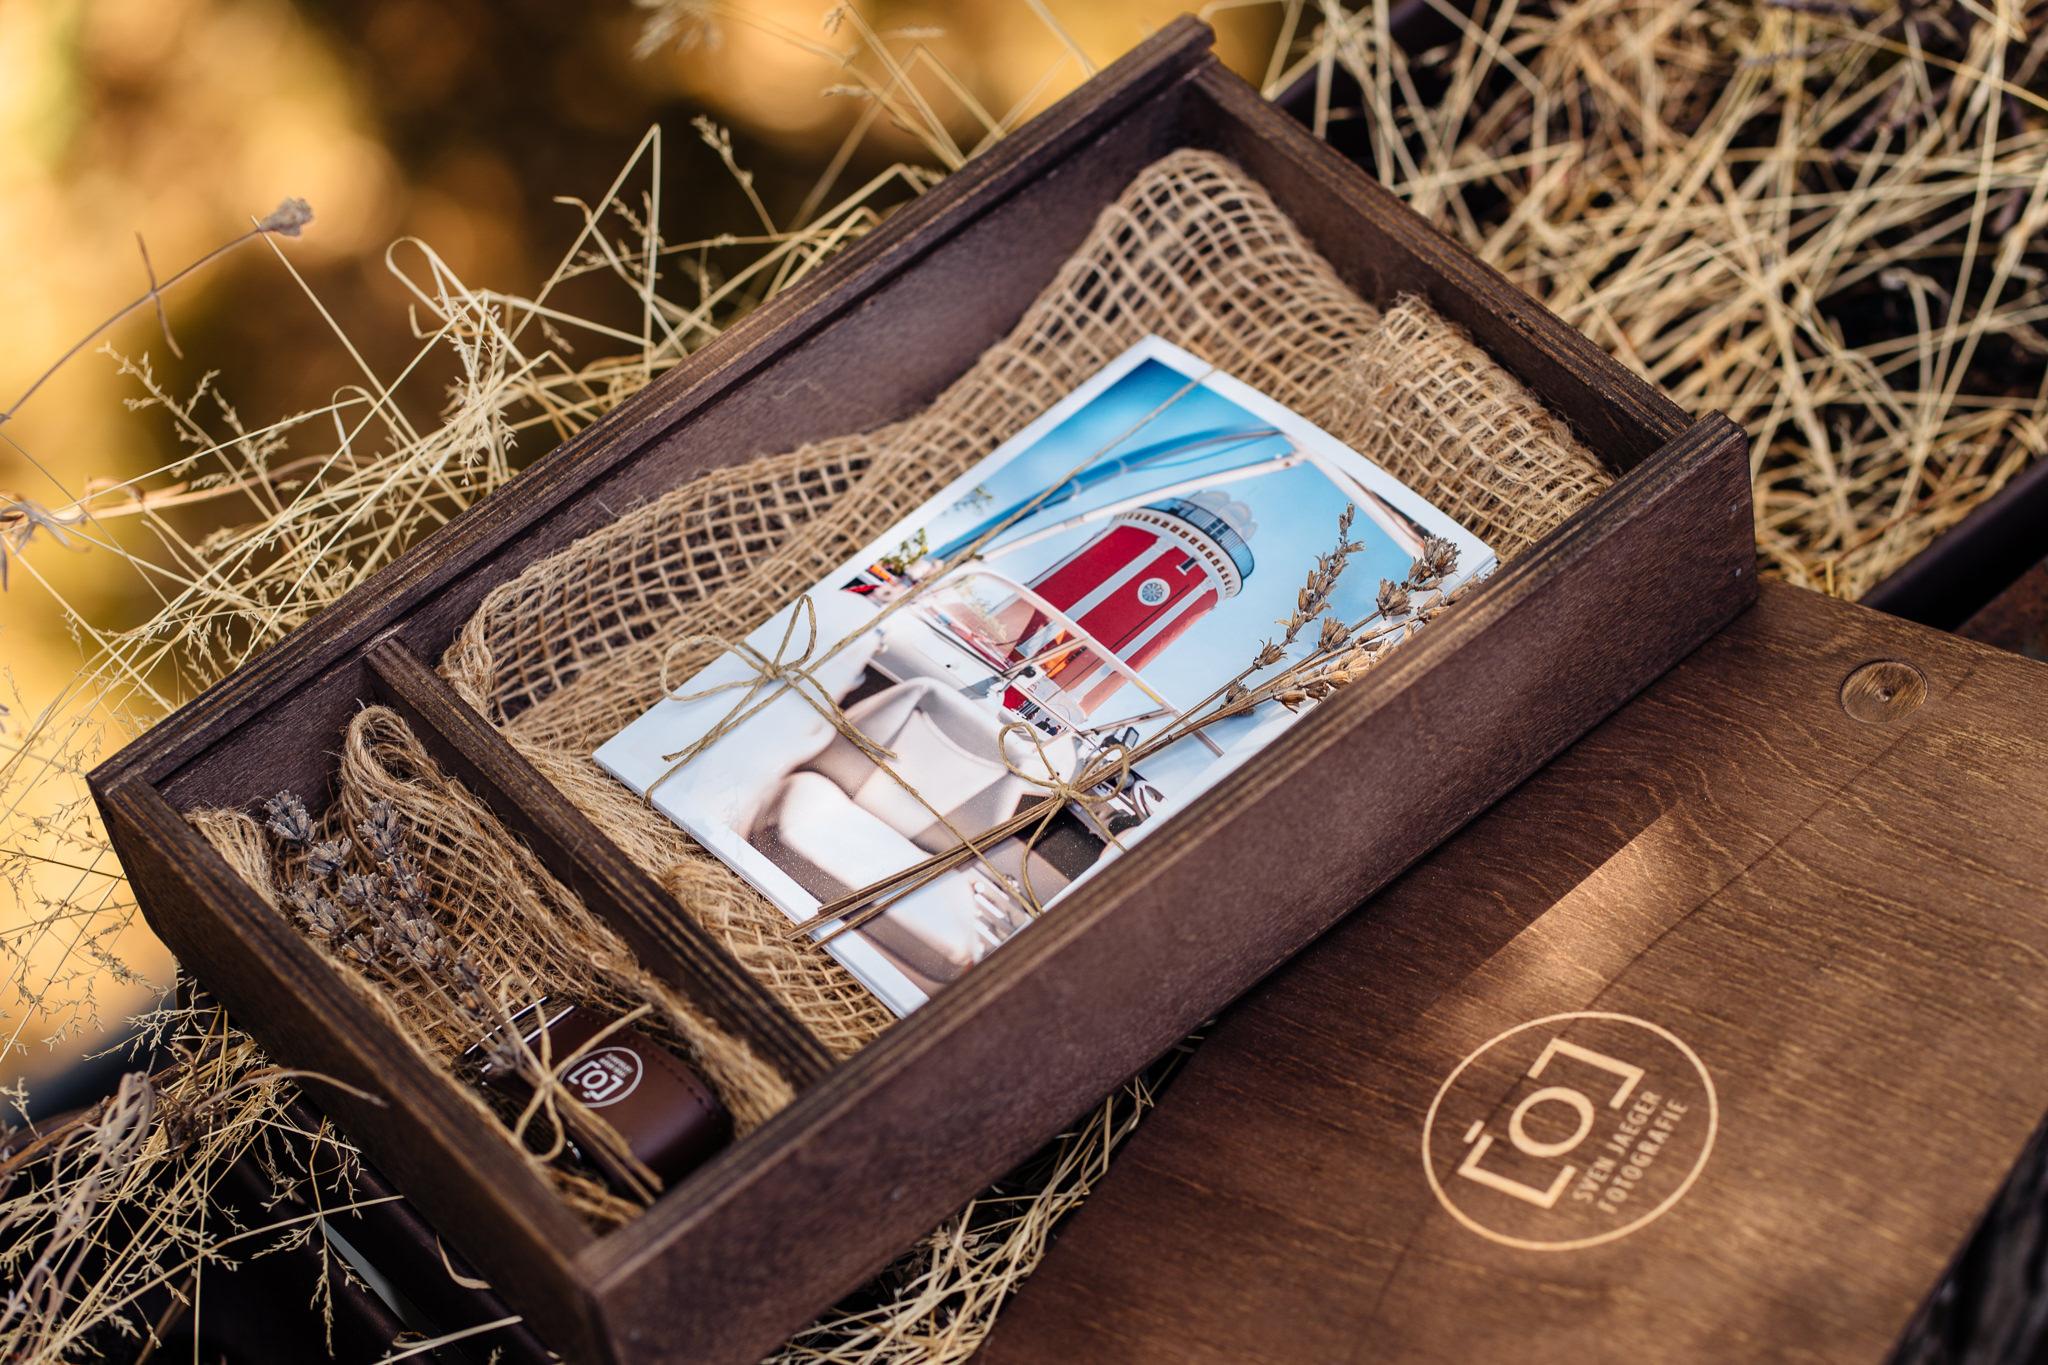 """Eure Fotos - Bilder besonderer Momente verdienen eine edle """"Verpackung"""